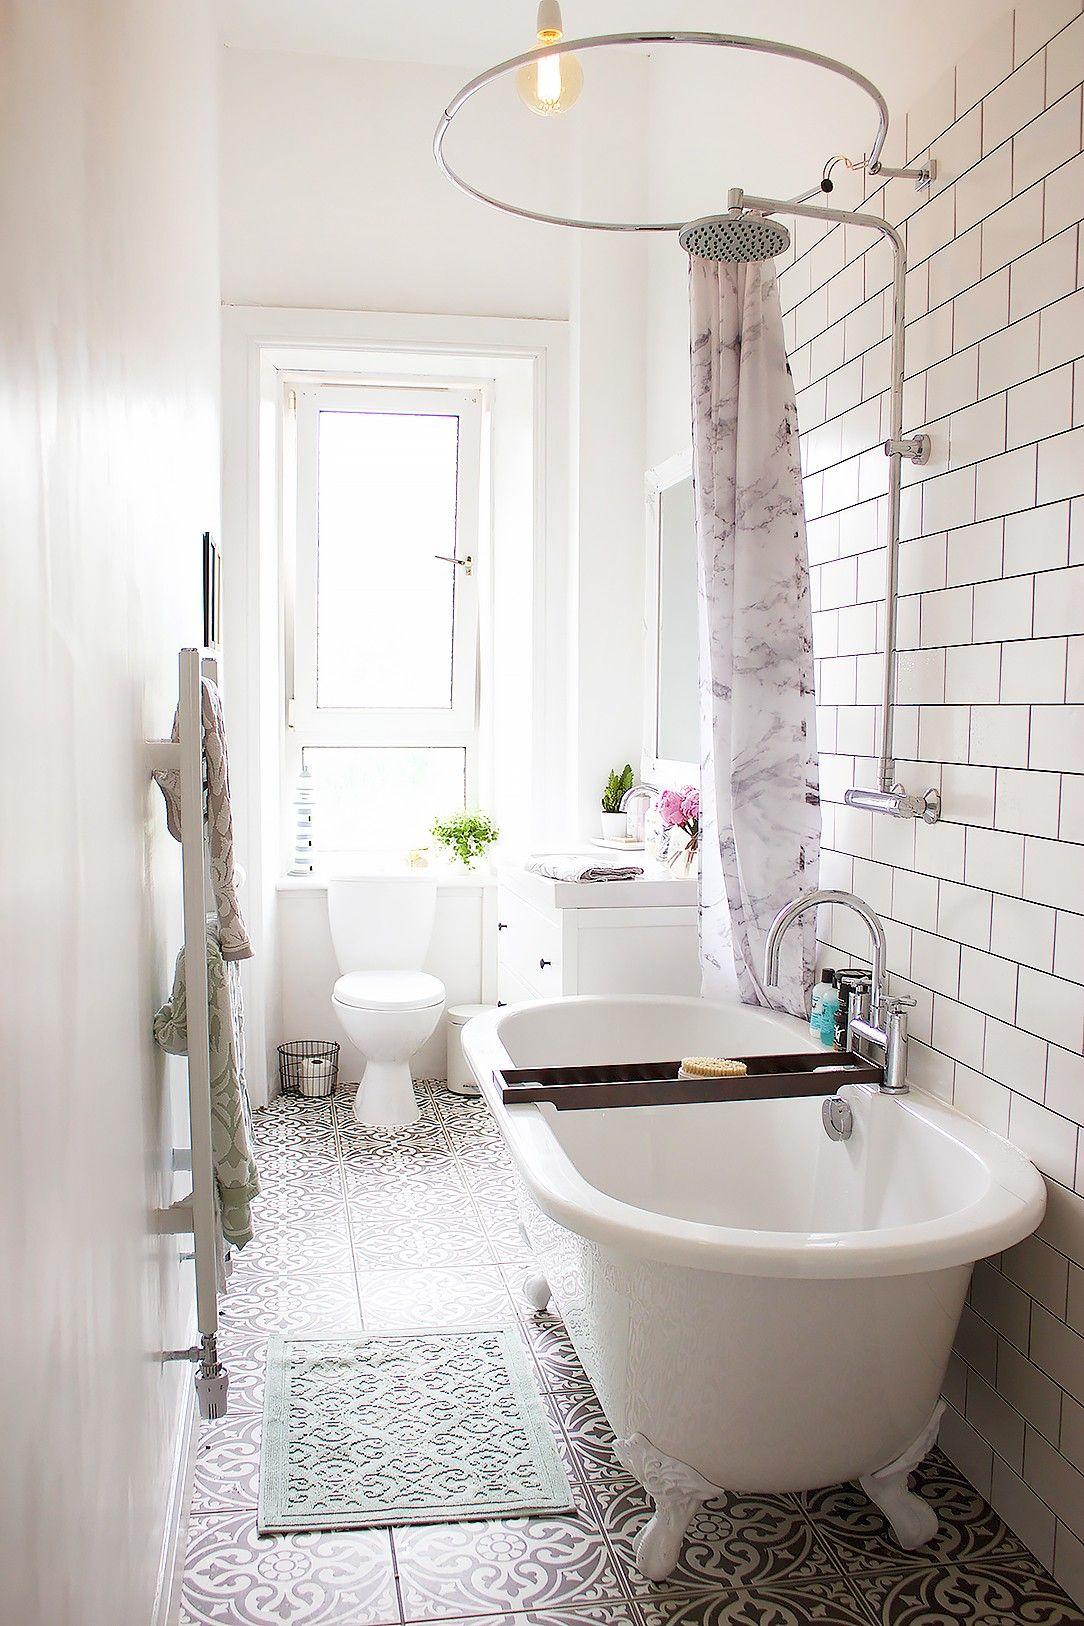 15 Tiny Bathrooms With Major Chic Factor   Tiny   Pinterest   Tiny ...